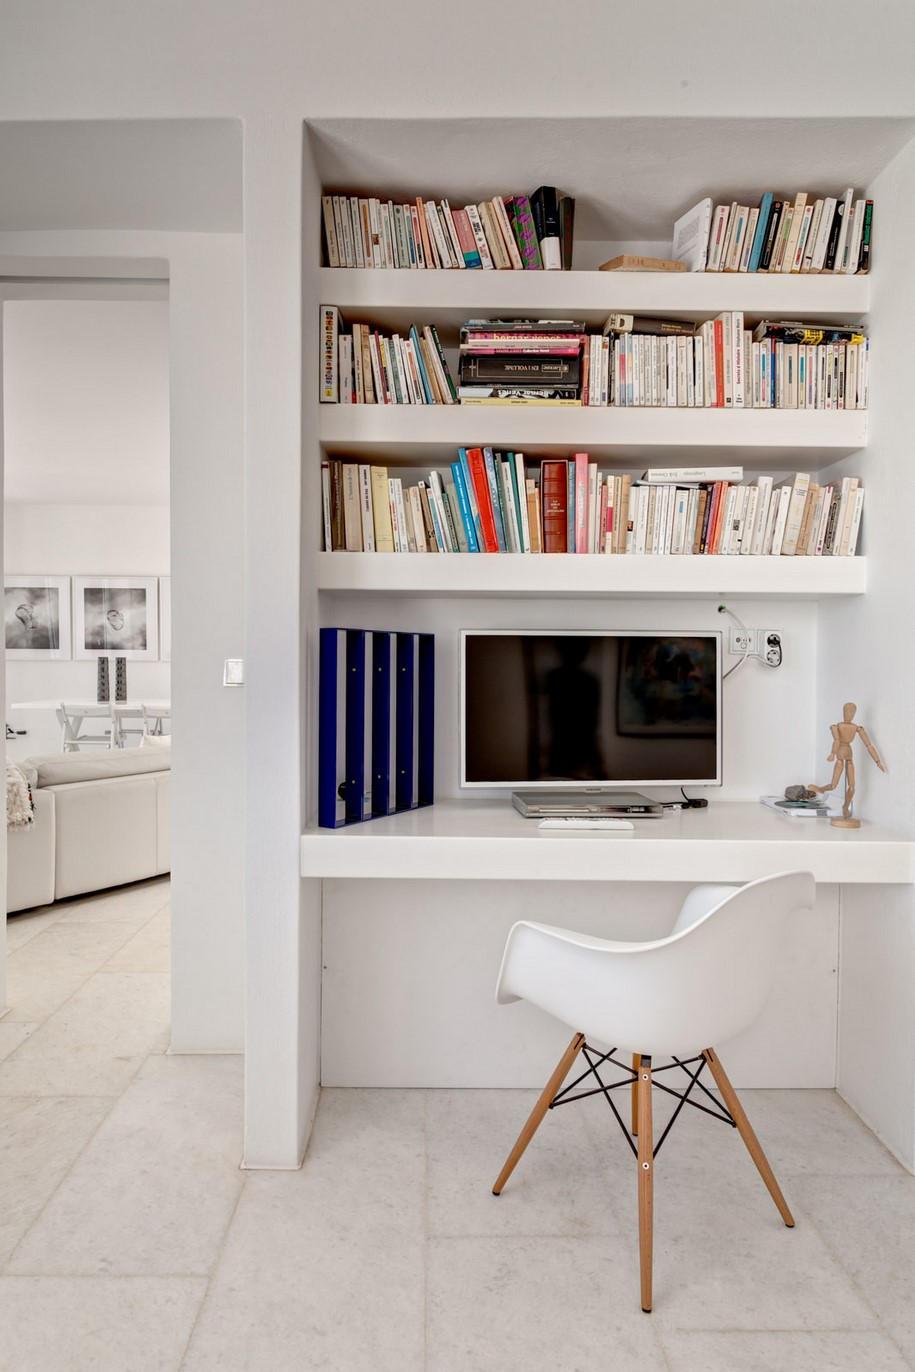 Residence-in-Paros-Photo-George-Fakaros-28